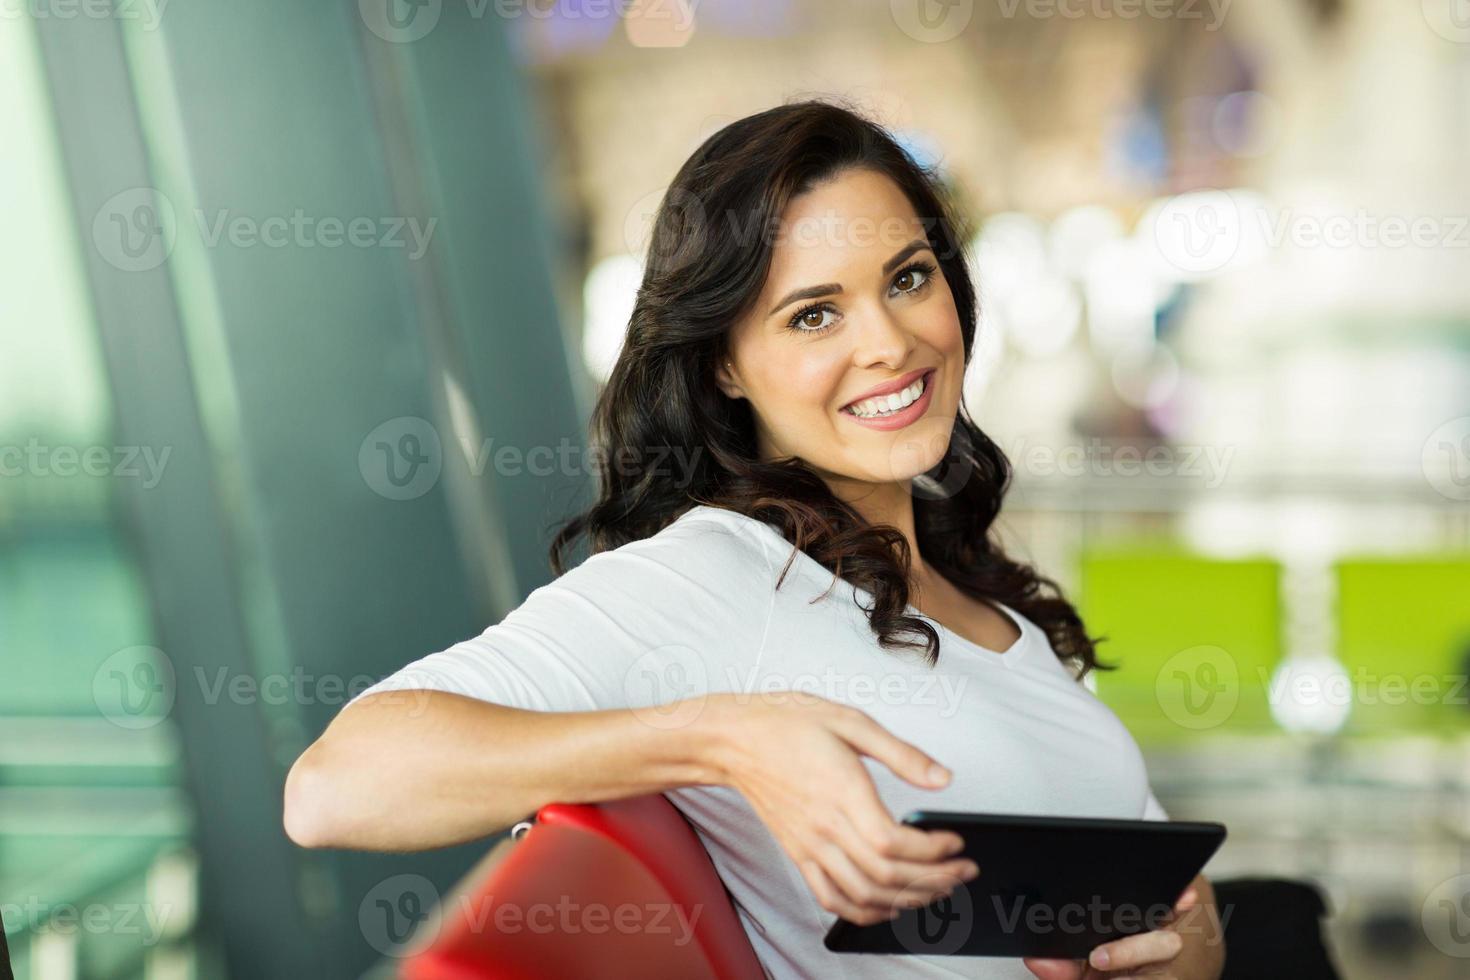 jeune femme, à, tablette informatique, à, aéroport photo